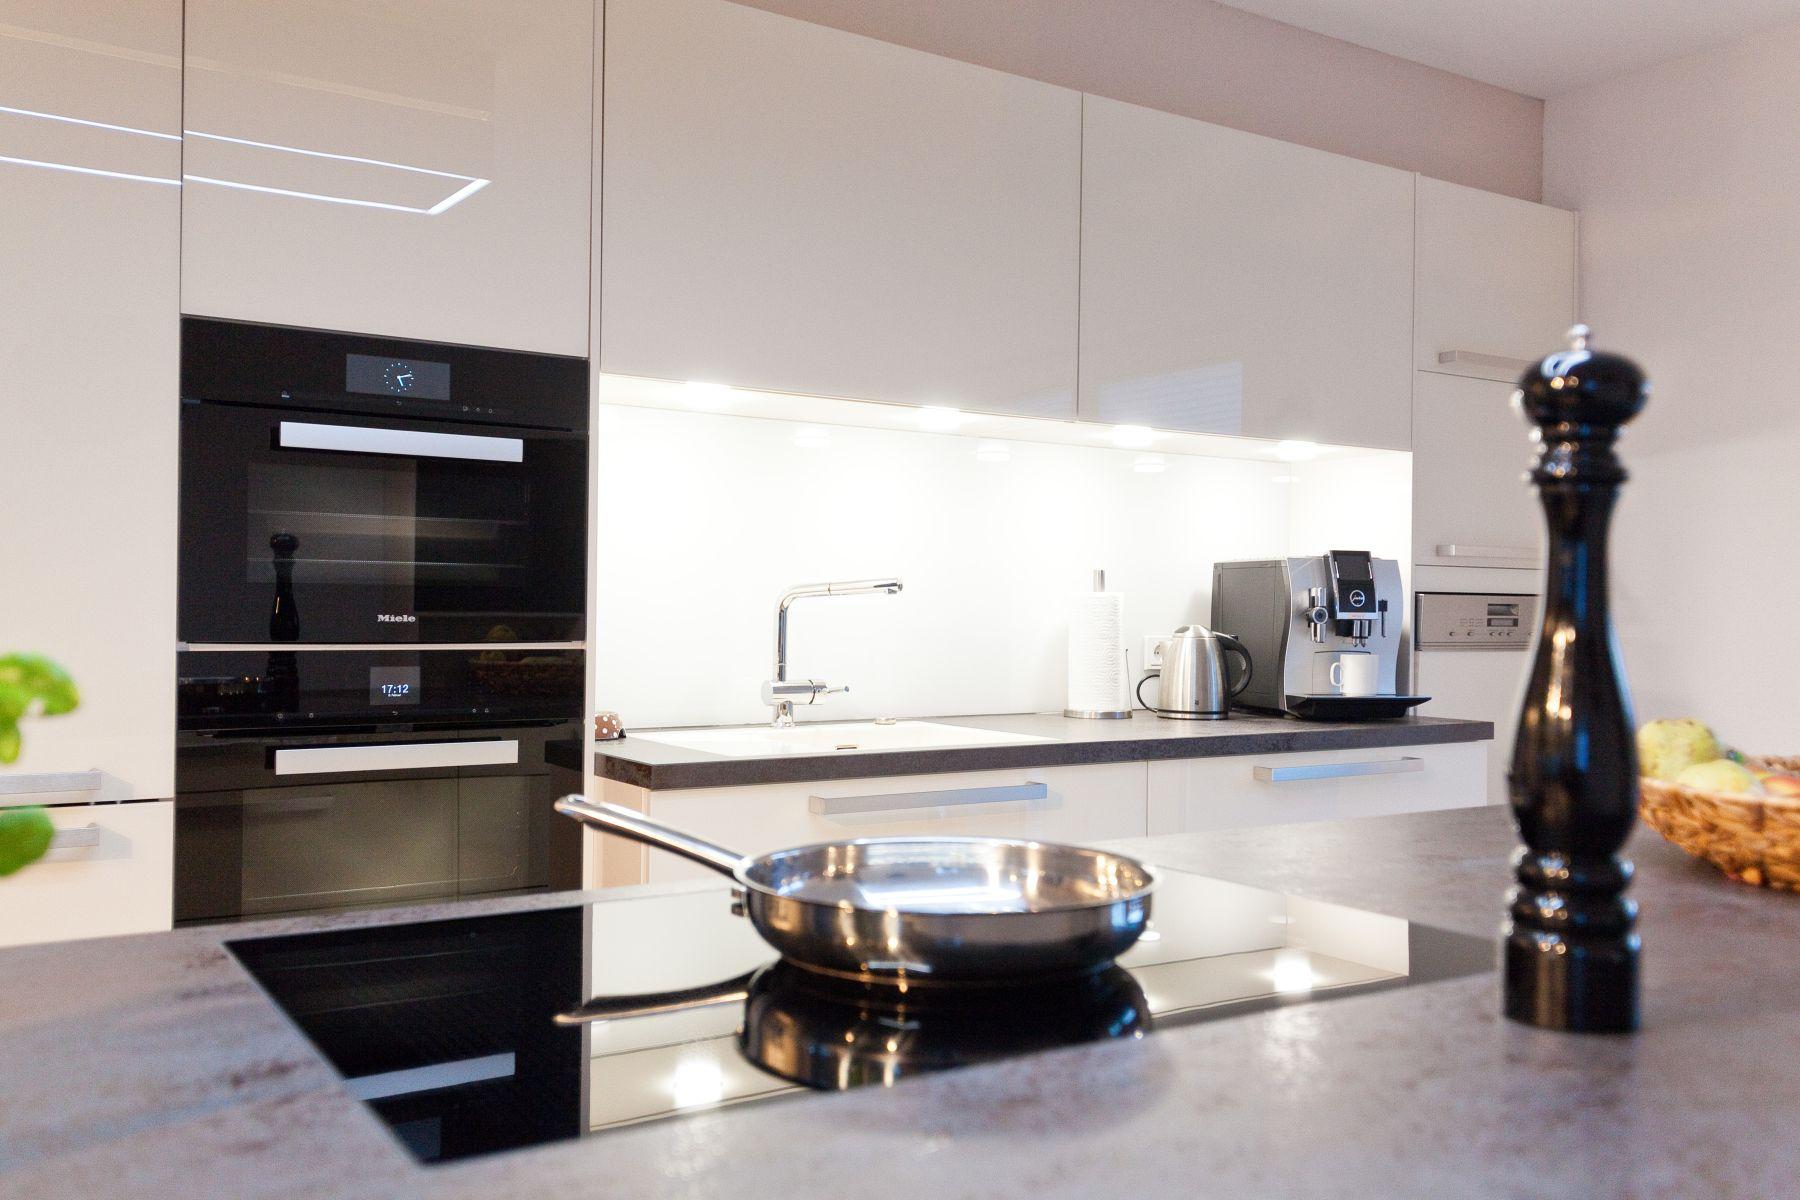 berbel skyline ber k cheninsel in heller gro er k che mit. Black Bedroom Furniture Sets. Home Design Ideas